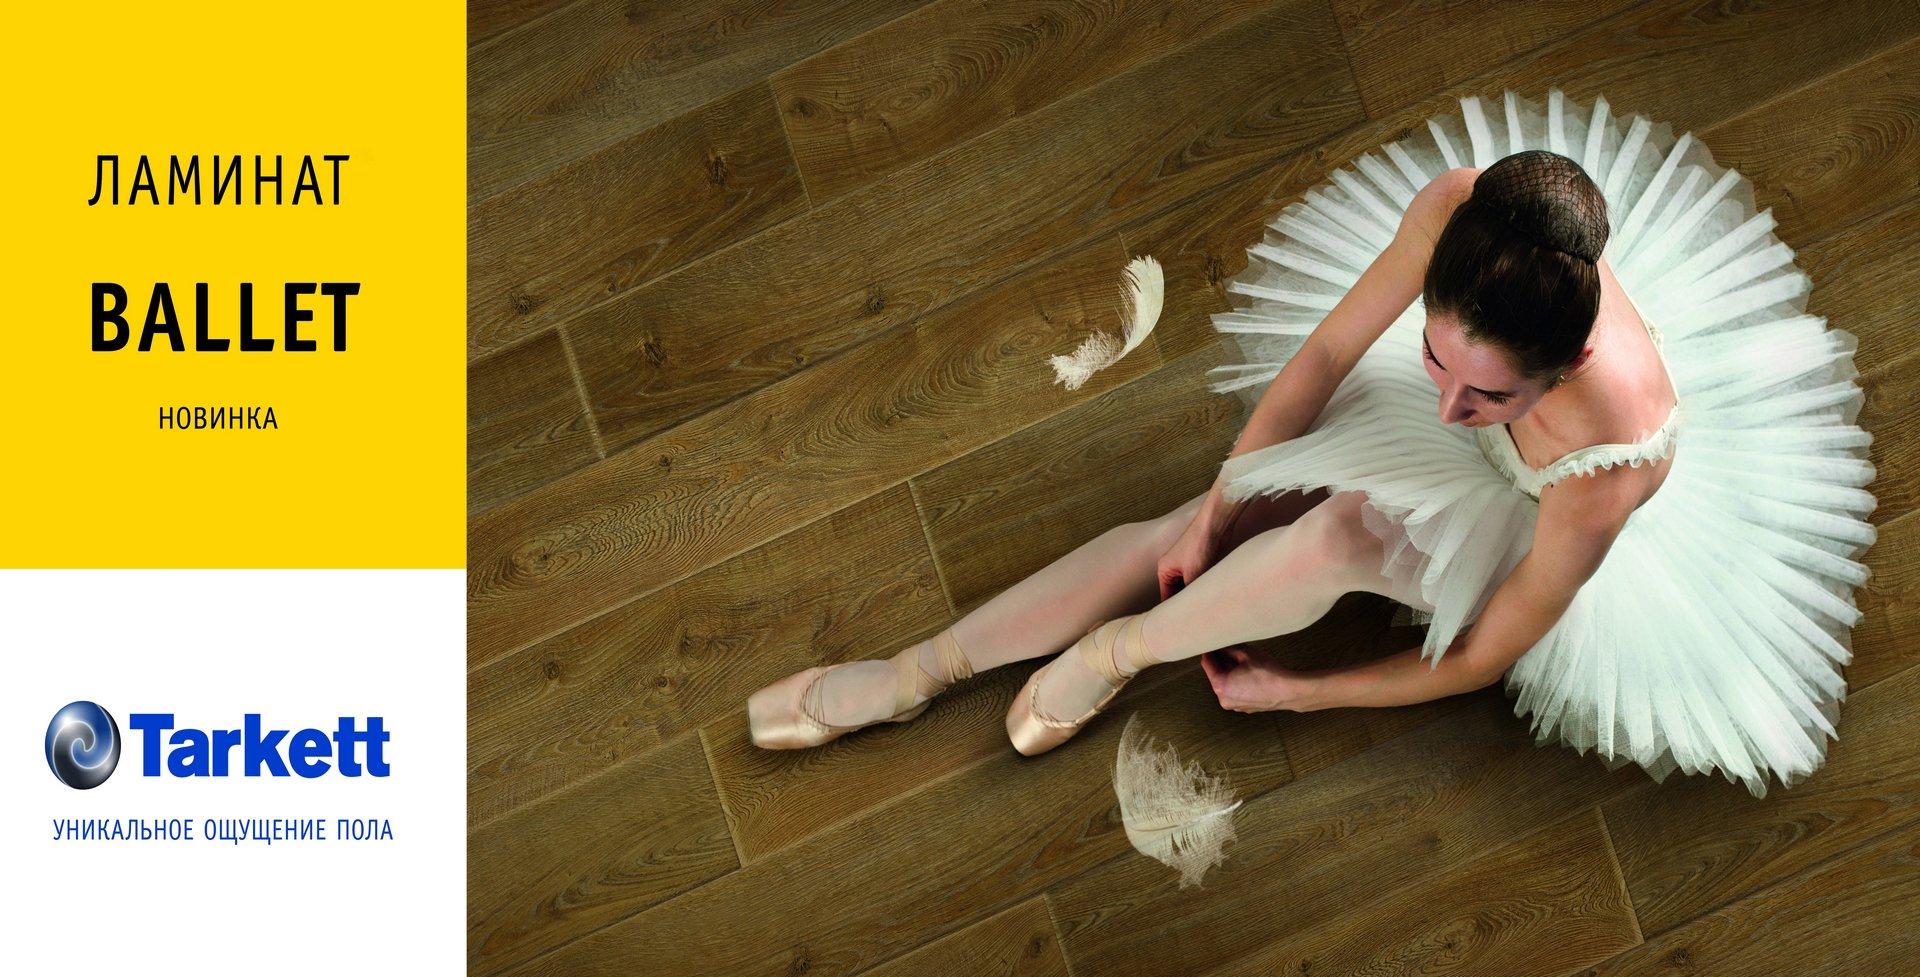 Купить ламинат Tarkett Ballet в Майкопе по низким ценам